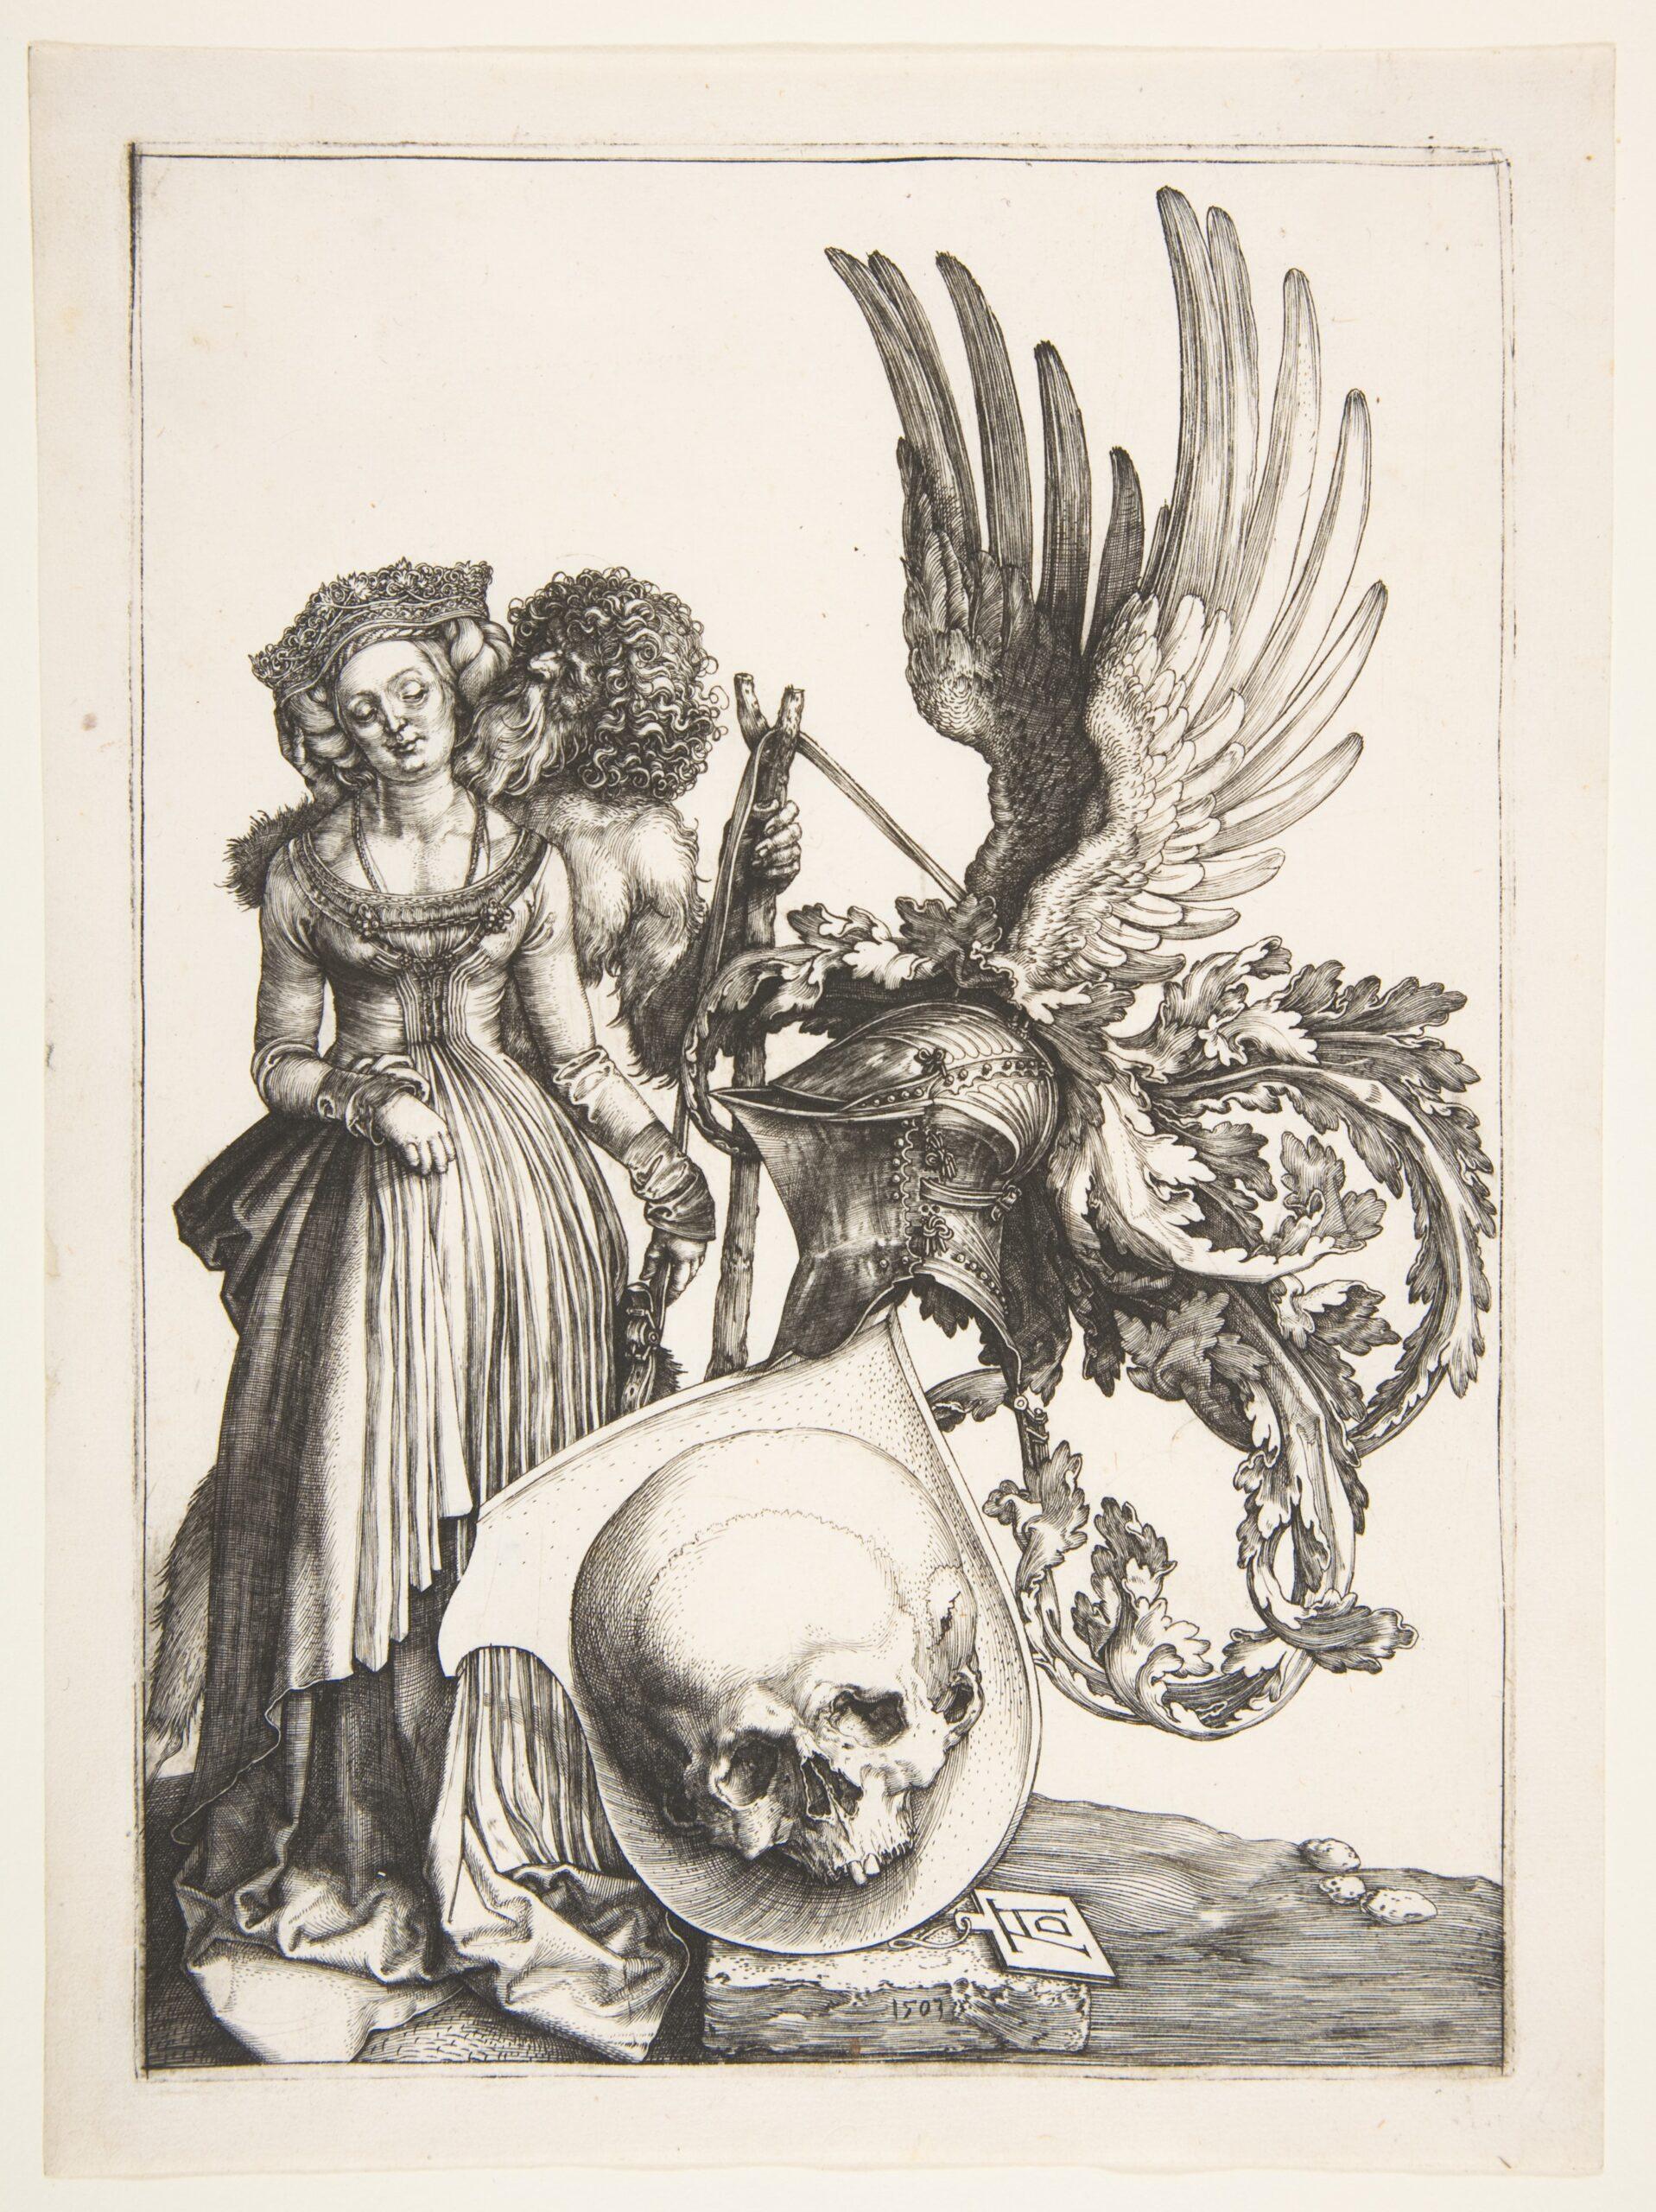 Durer 1503 Coat of Arms with a Skull MET